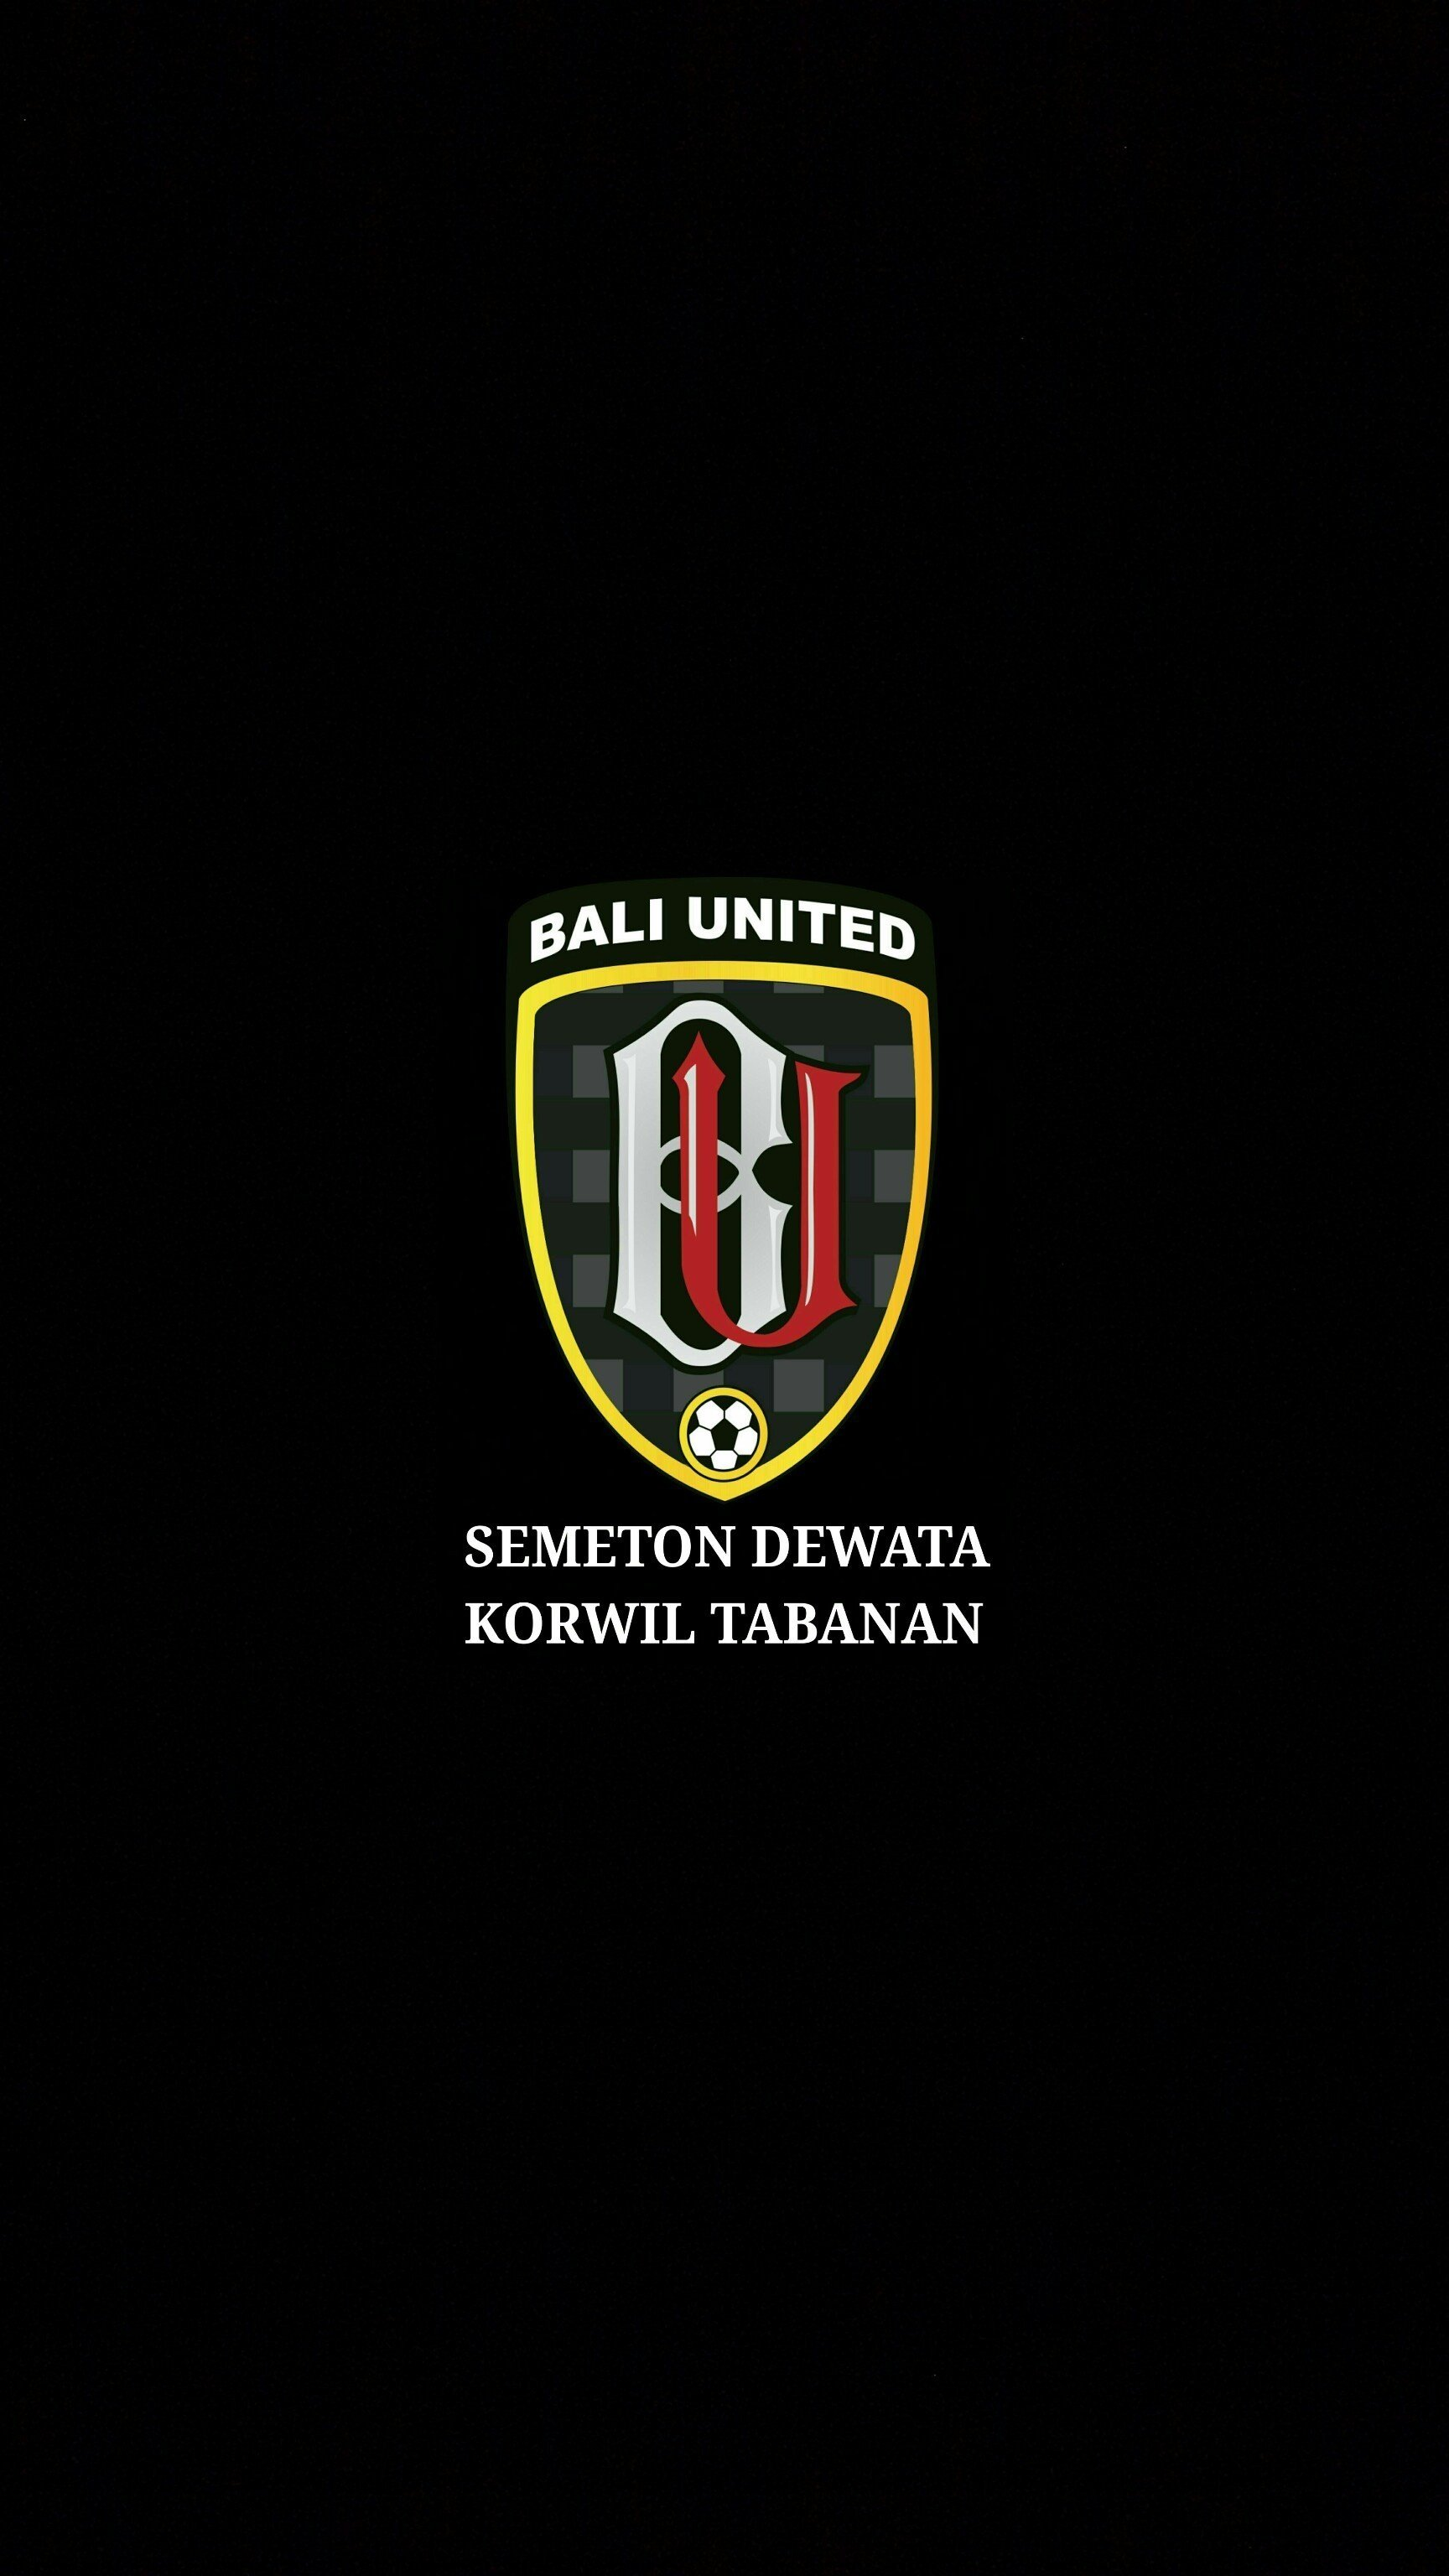 Semeton Dewata #19 - Bangkitlah Bali by Semeton Dewata